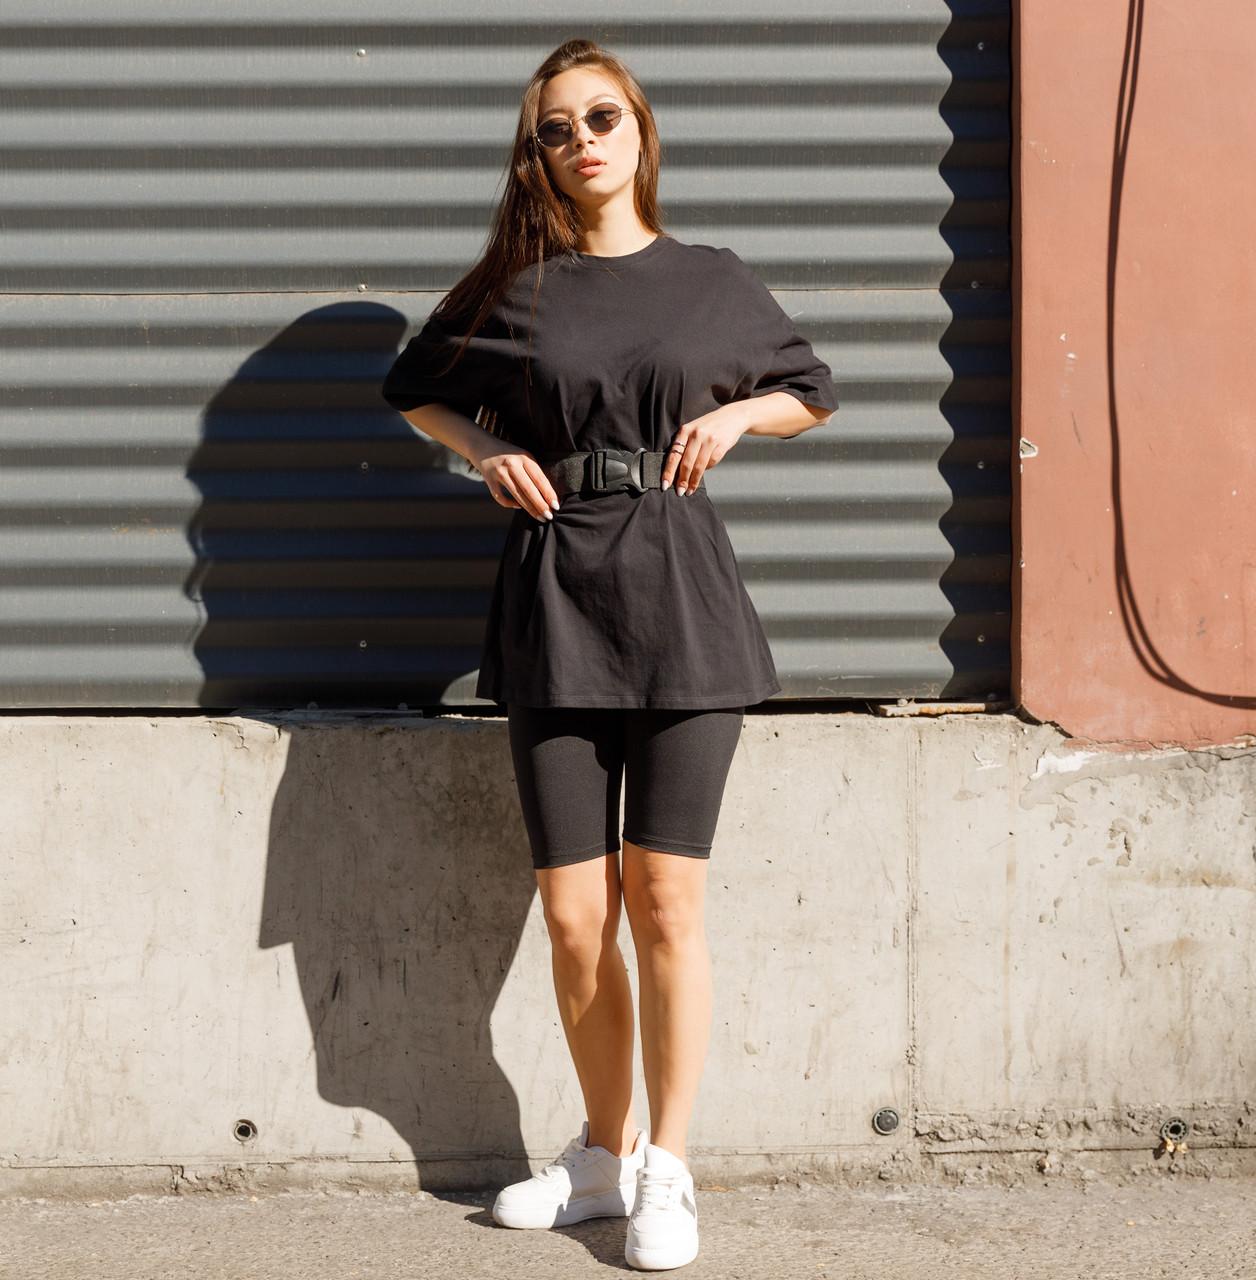 Комплект женская чёрная футболка оверсайз модель Квил (Quill)+ чёрные велосипедки + ремень размер  S, M, L